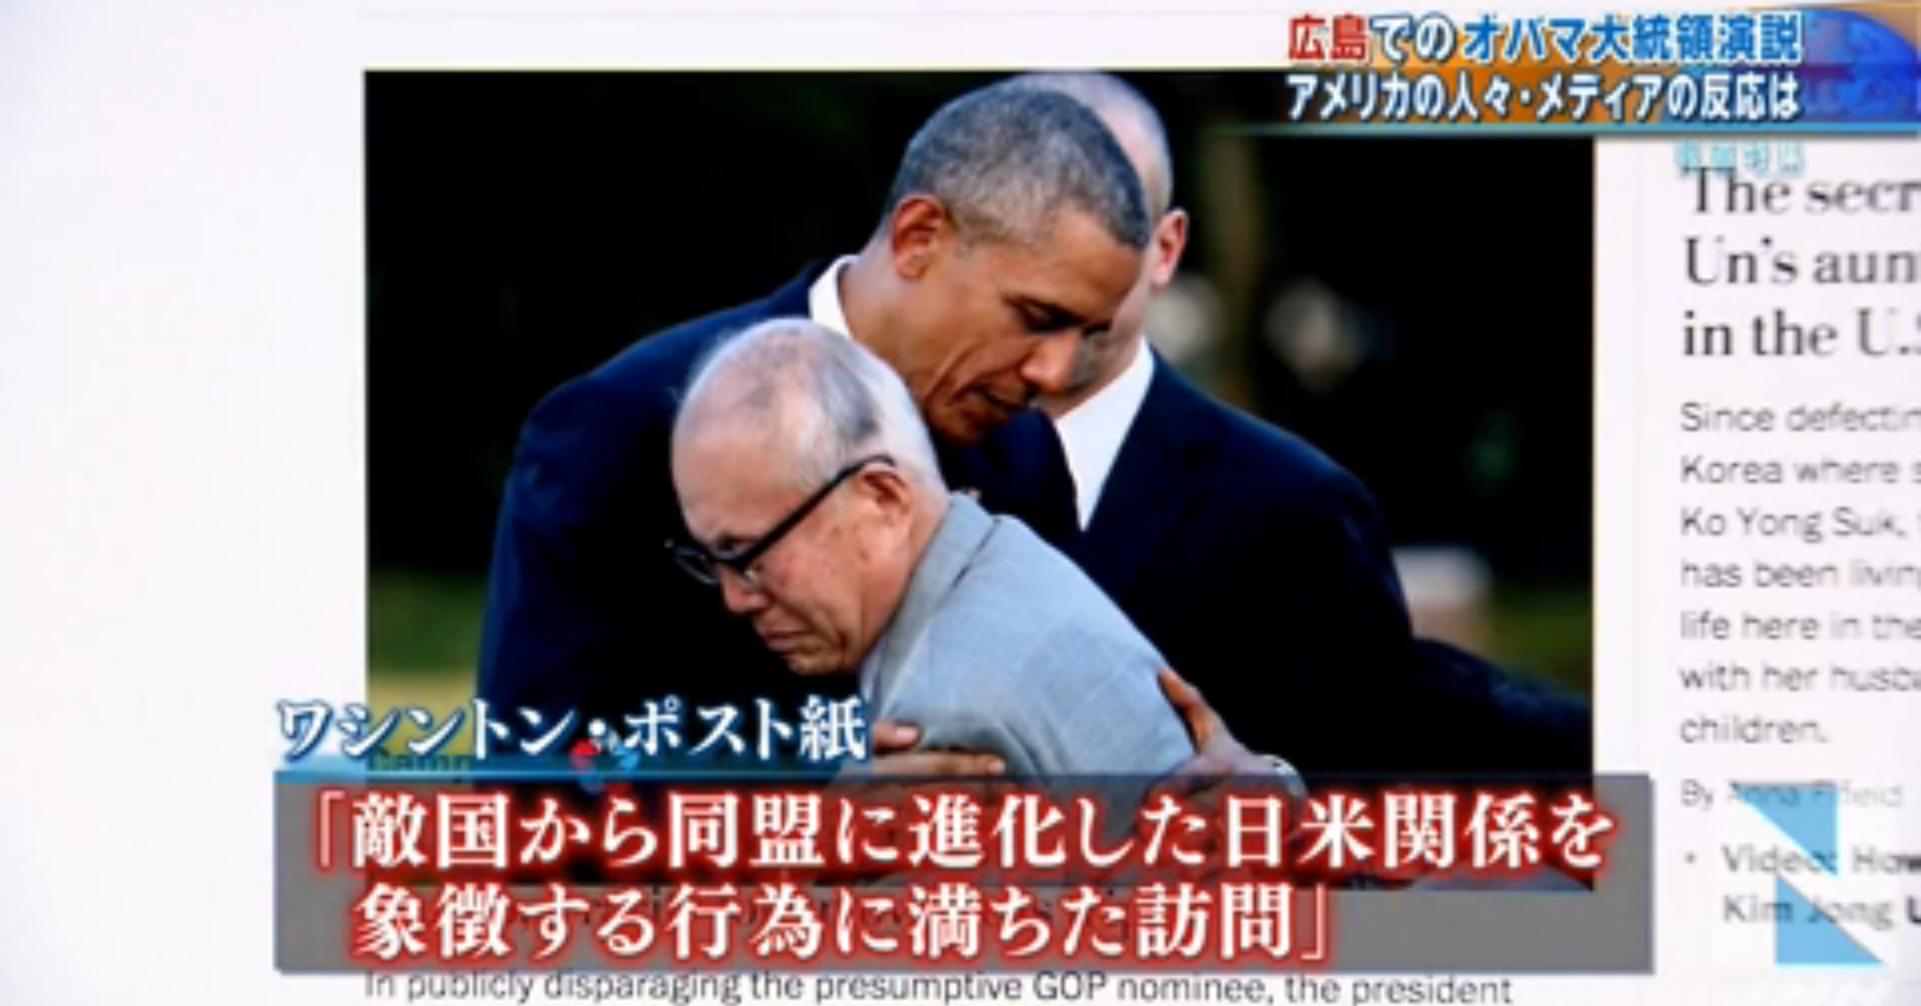 オバマ広島訪問アメリカの反応